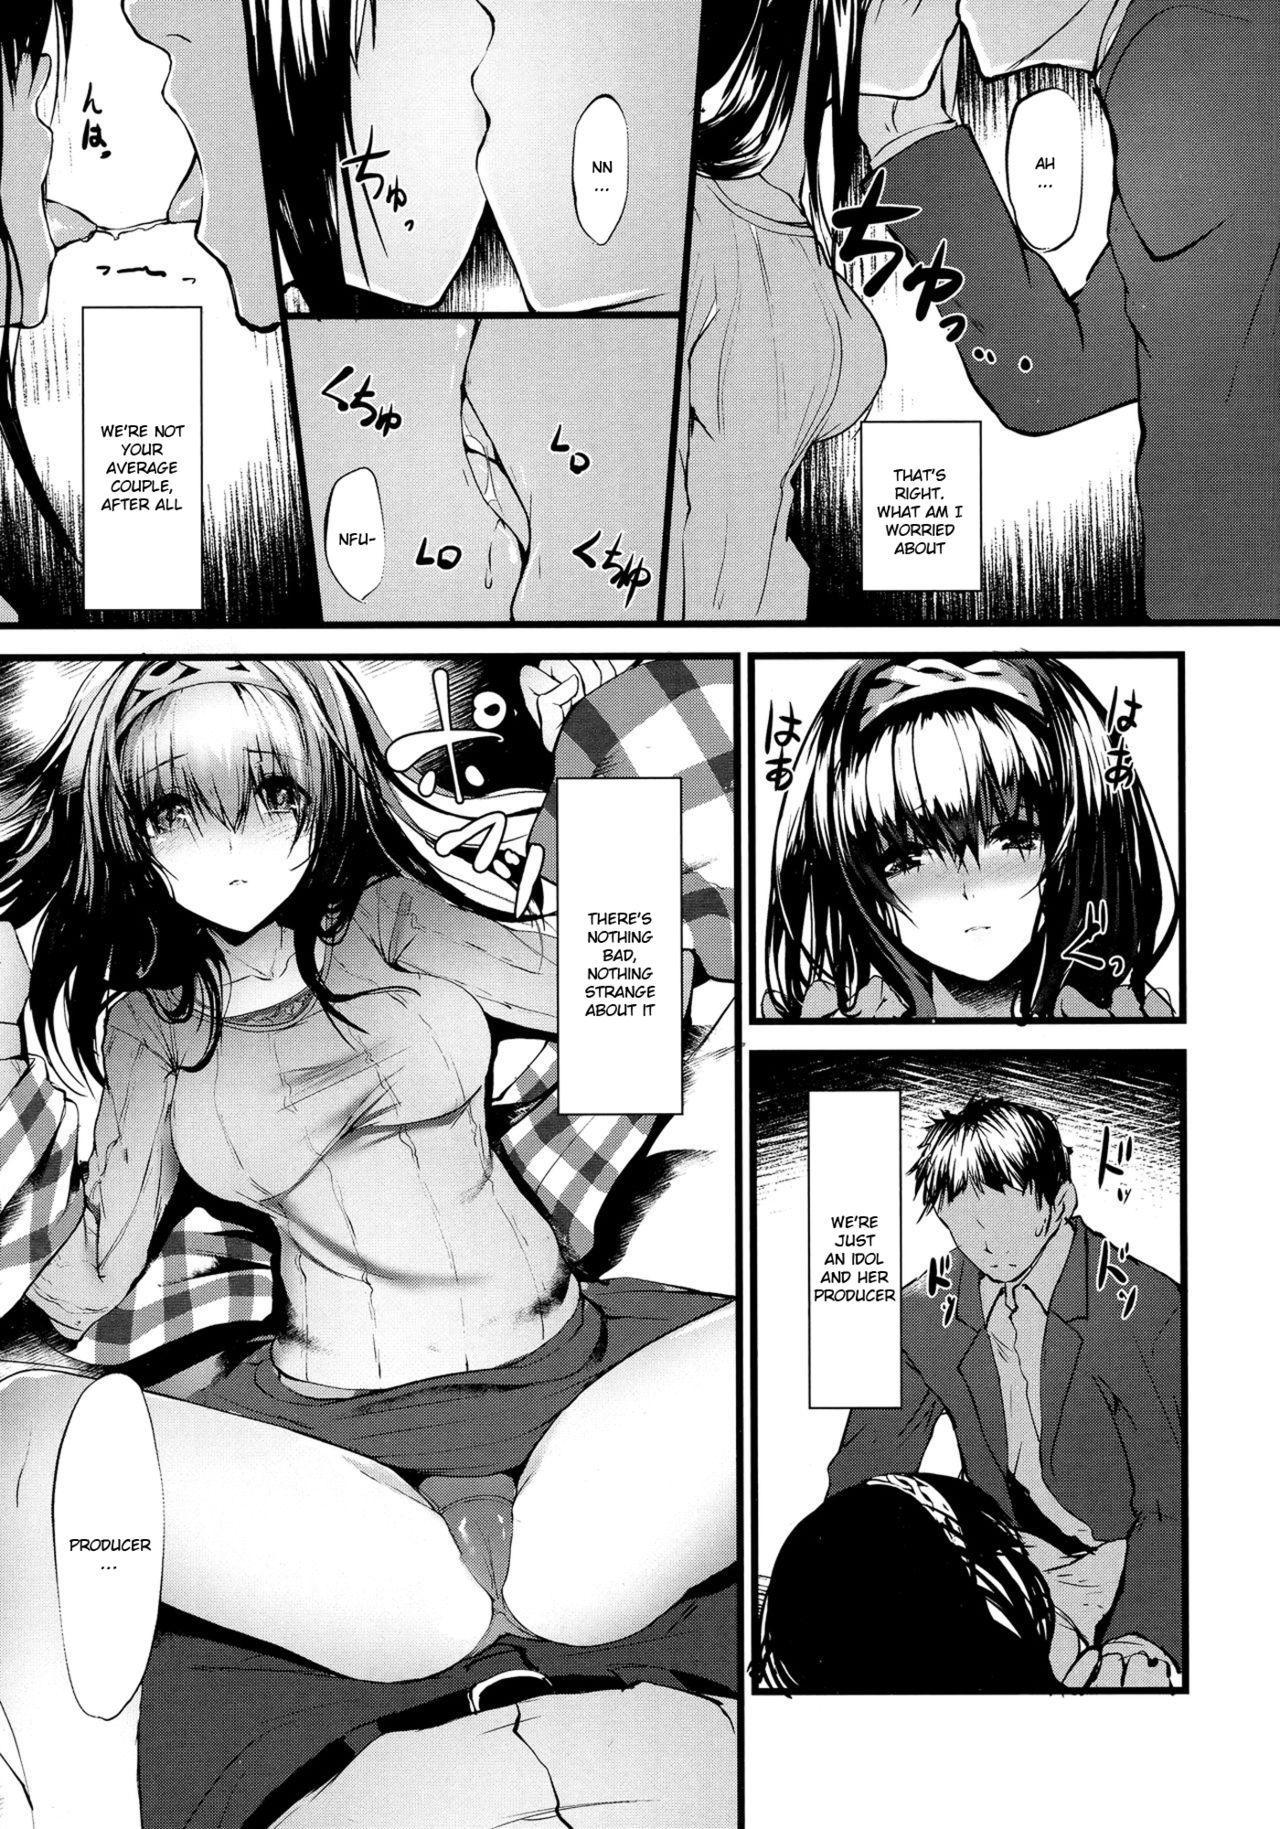 Konna ni mo Itooshii 16